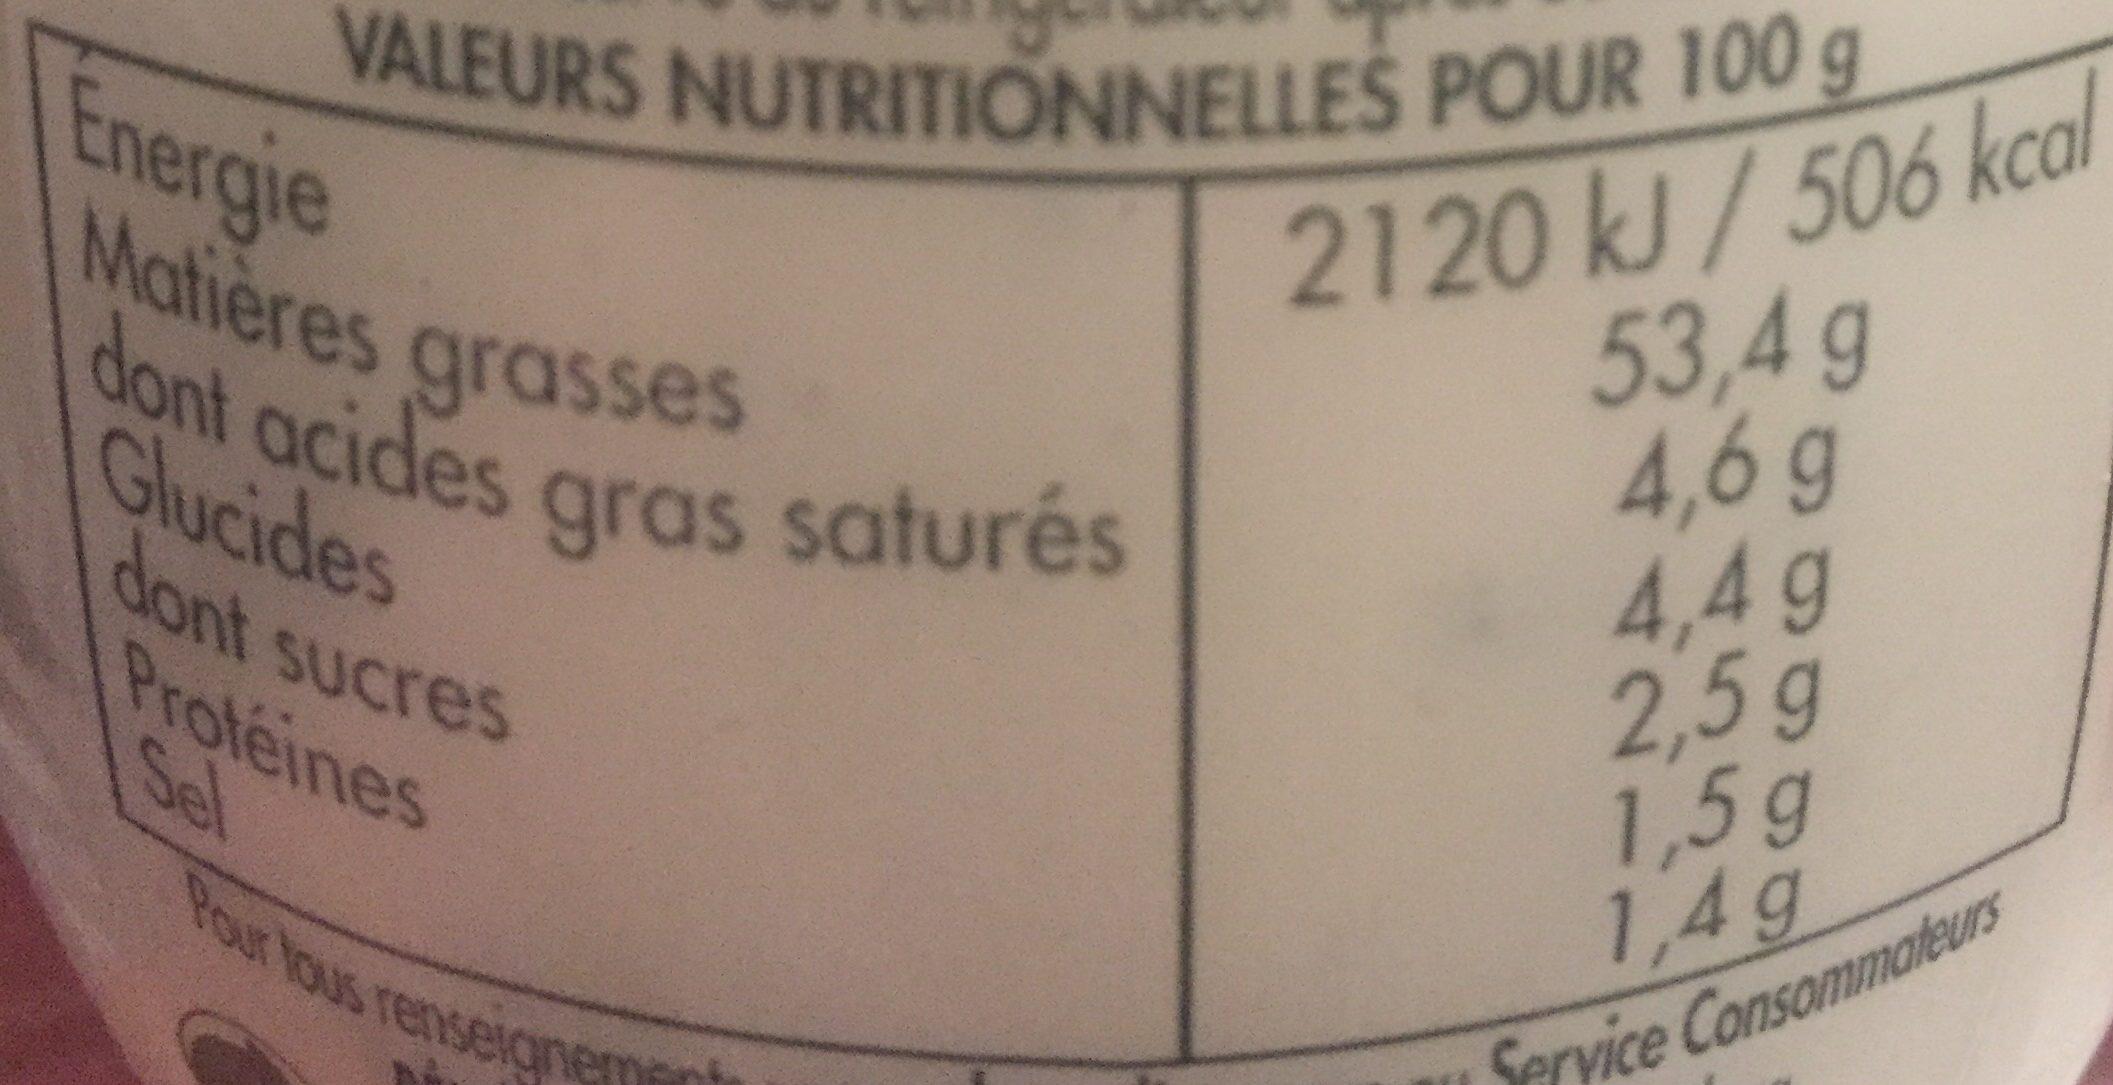 Bénédicta Sauce au bleu le pot de 260 g - Información nutricional